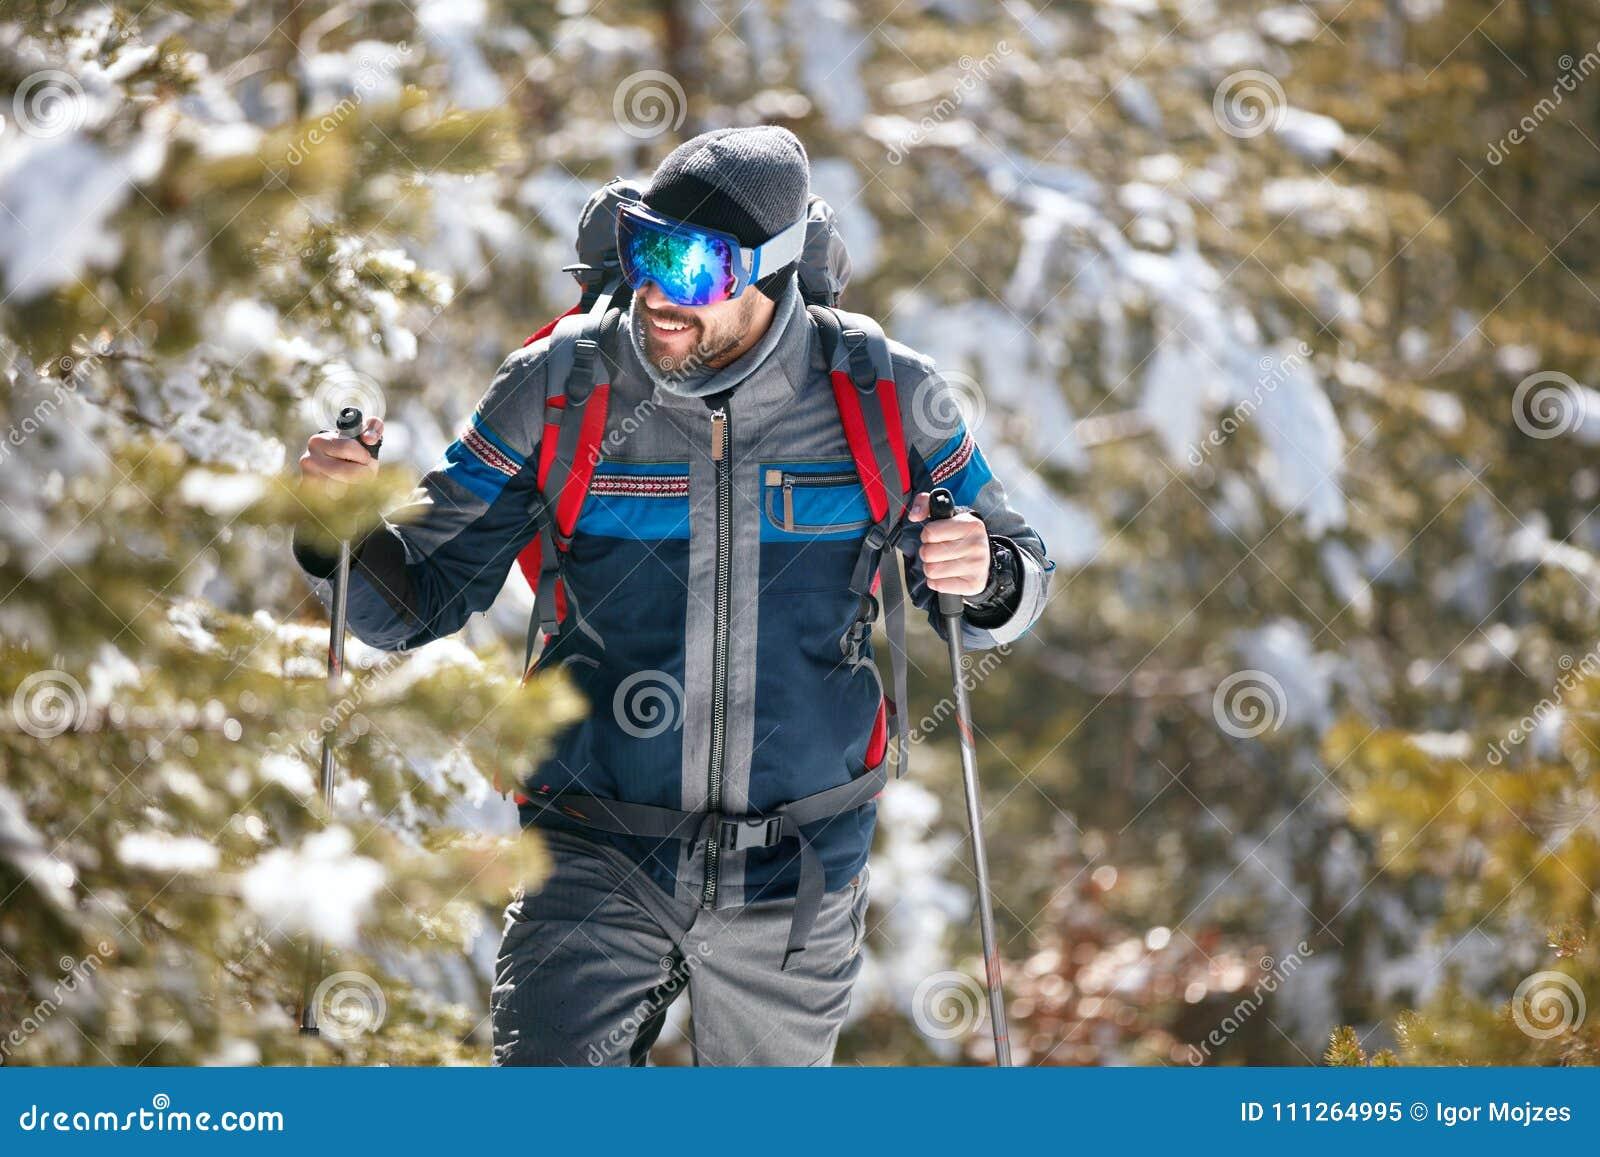 Fotvandrare med ryggsäcken som trekking i berg Kallt väder, snö på